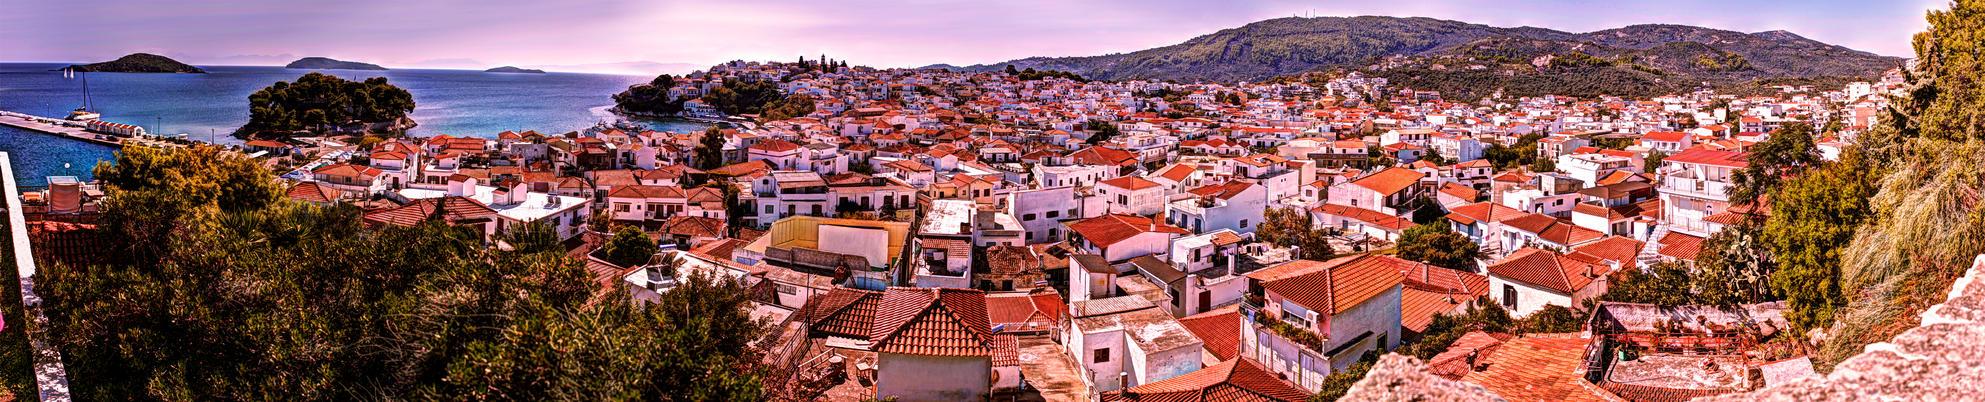 skiathos town panorama by Dziubek304